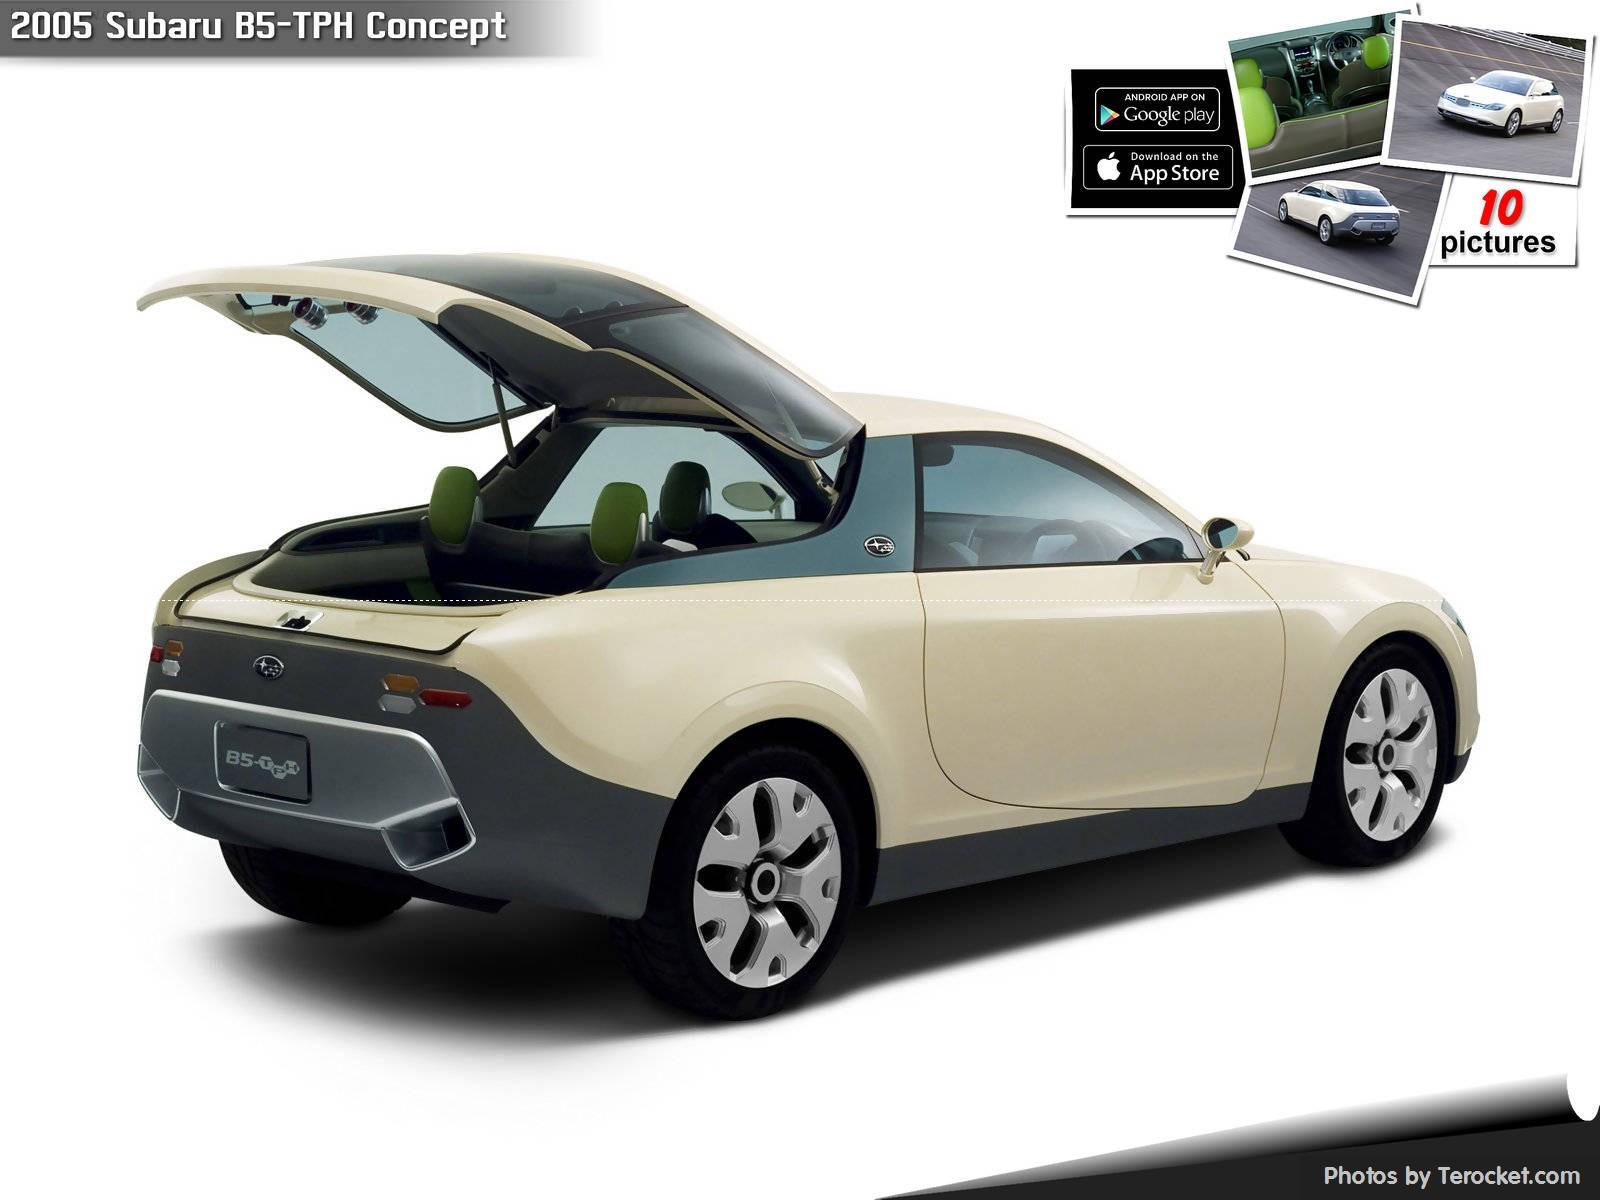 Hình ảnh xe ô tô Subaru B5-TPH Concept 2005 & nội ngoại thất